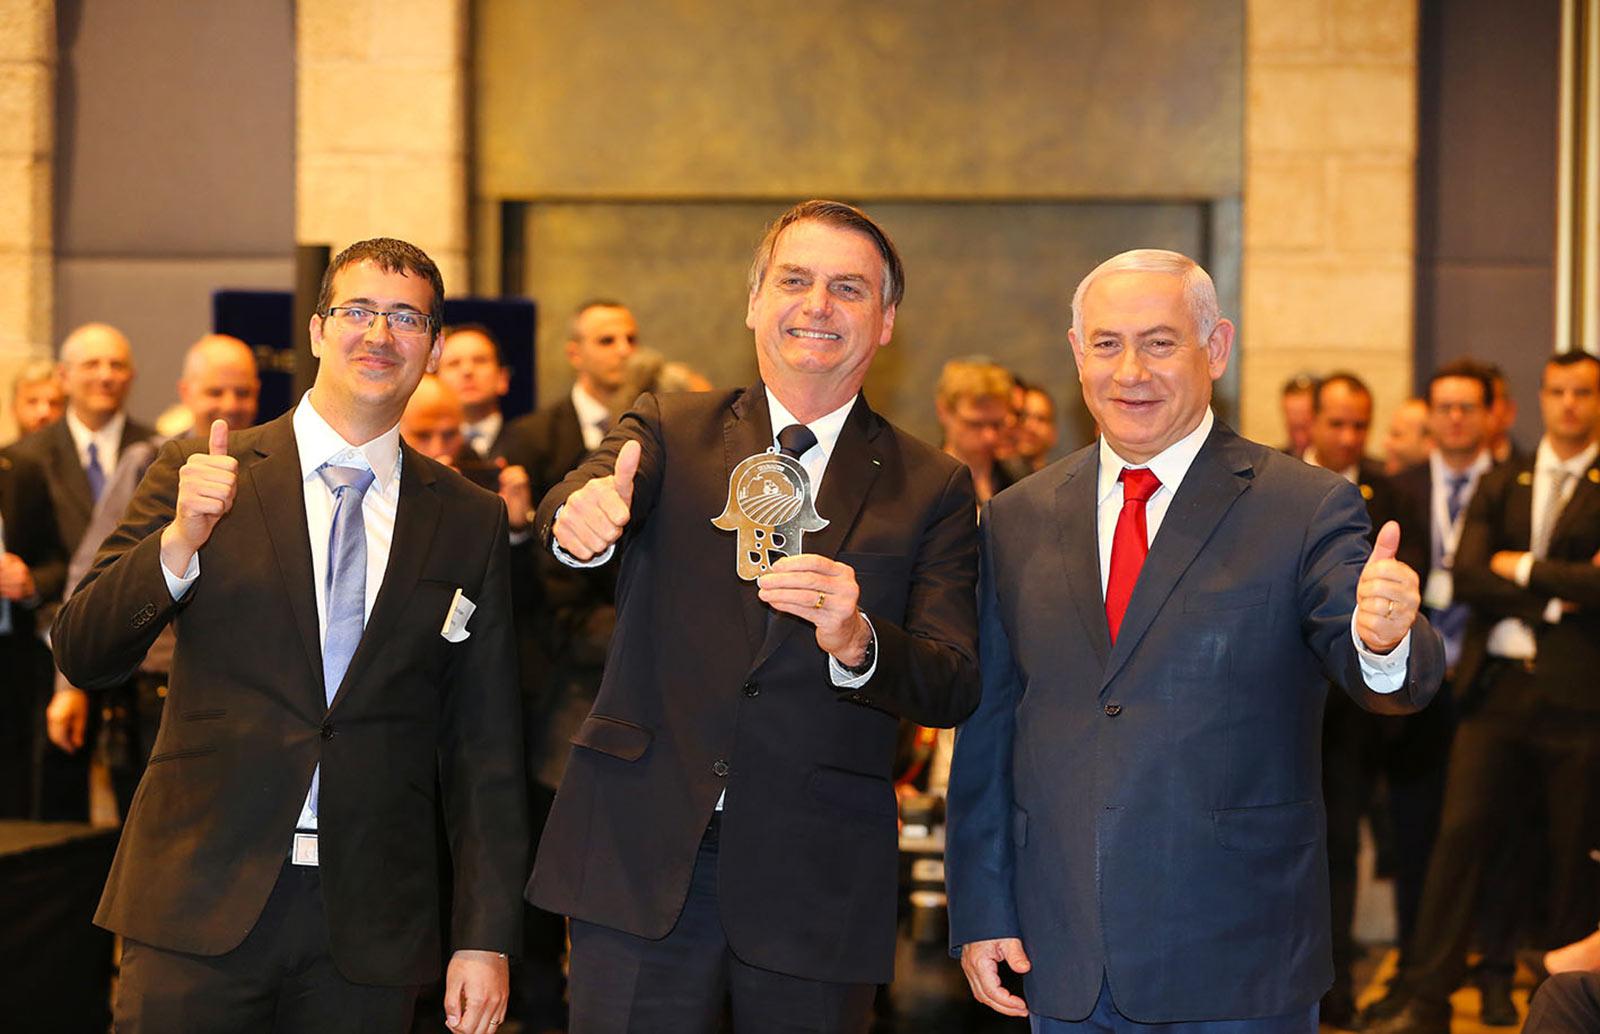 BRAZIL'S PRESIDENT EVENT IN JERUSALEM